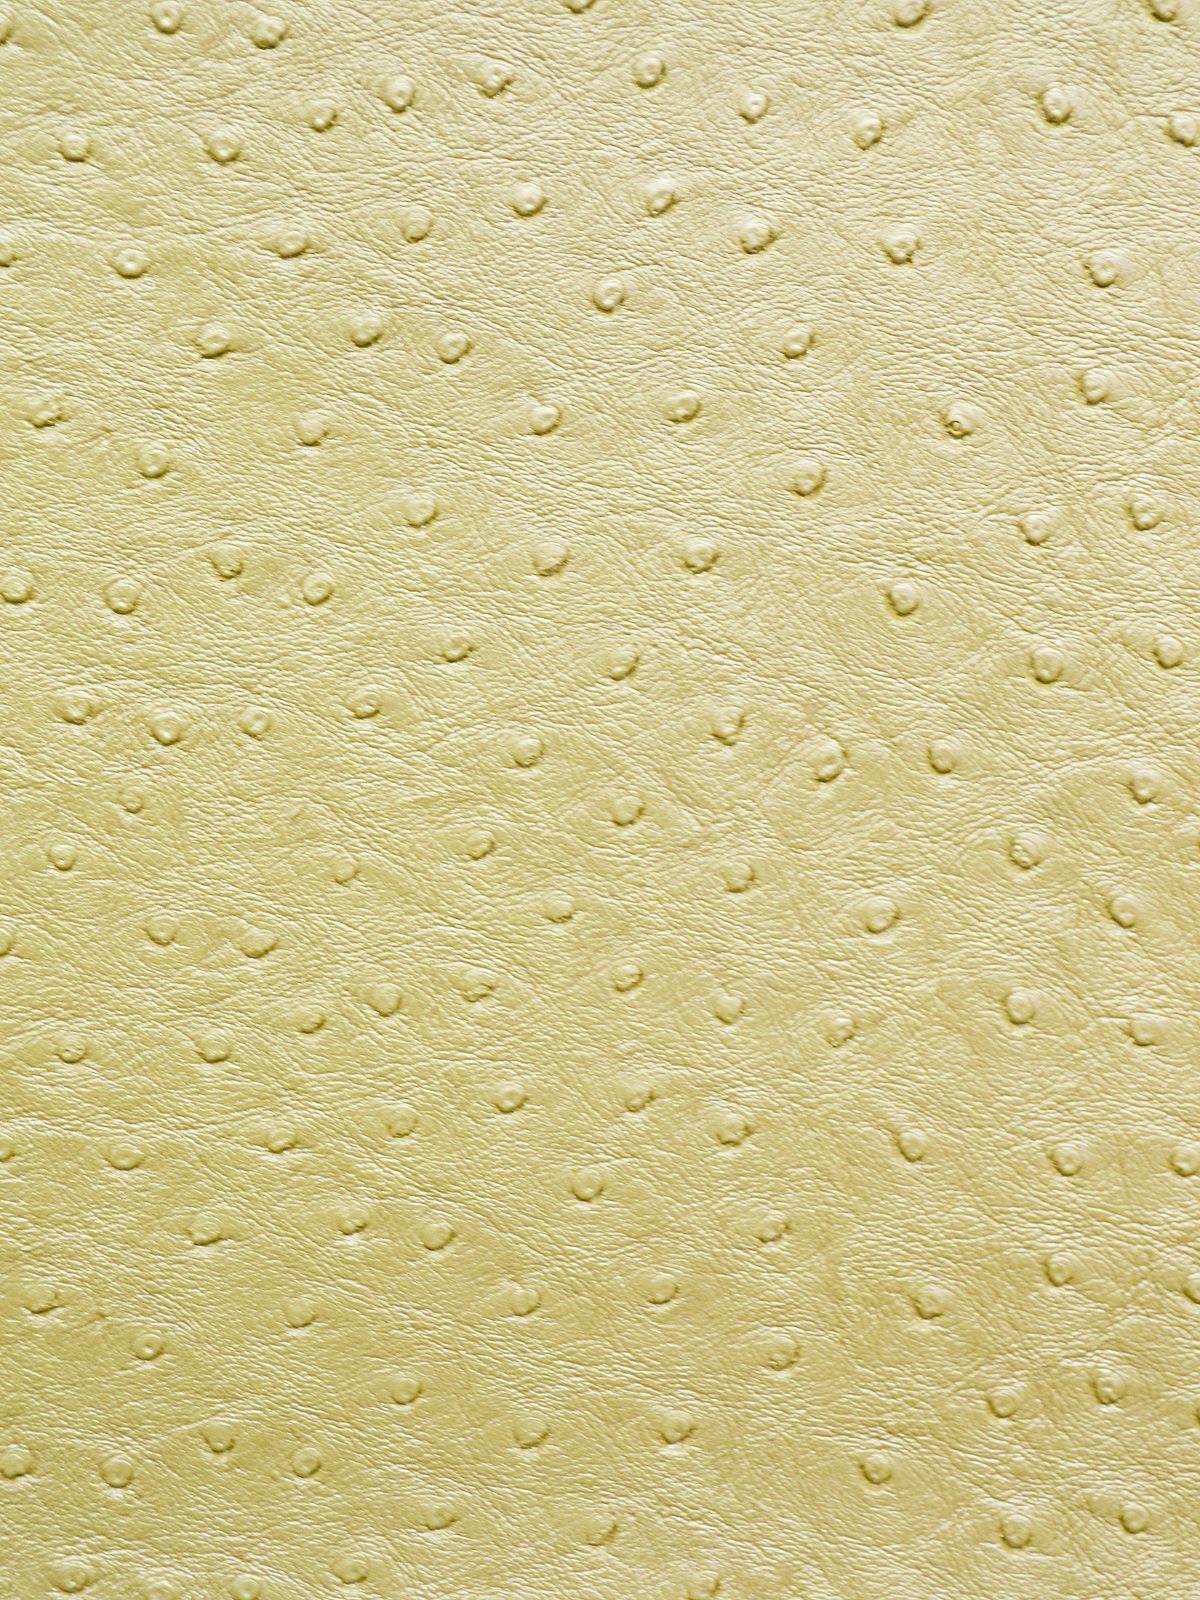 EMU GOLDLEAF - $24.95/yd  http://forsythfabrics.com/collections/vinyl-faux-leather/products/emu-goldleaf